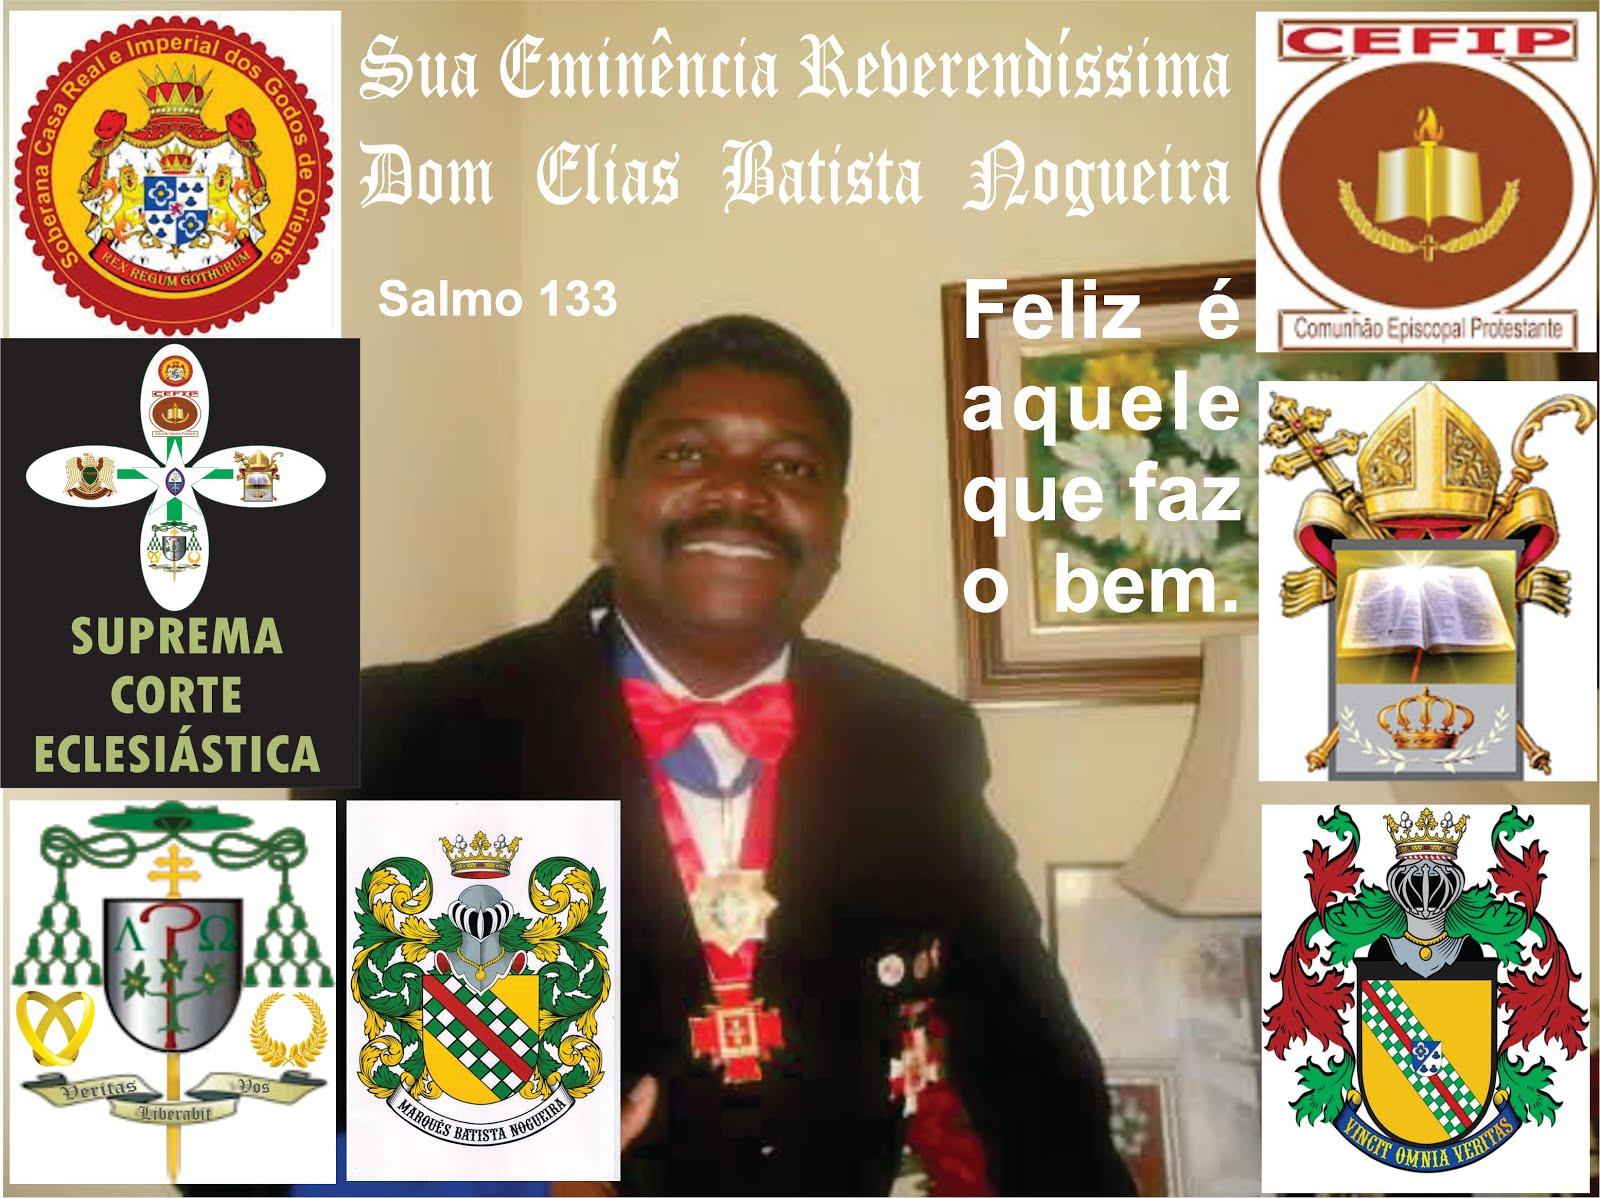 Dom Elias Batista Nogueira